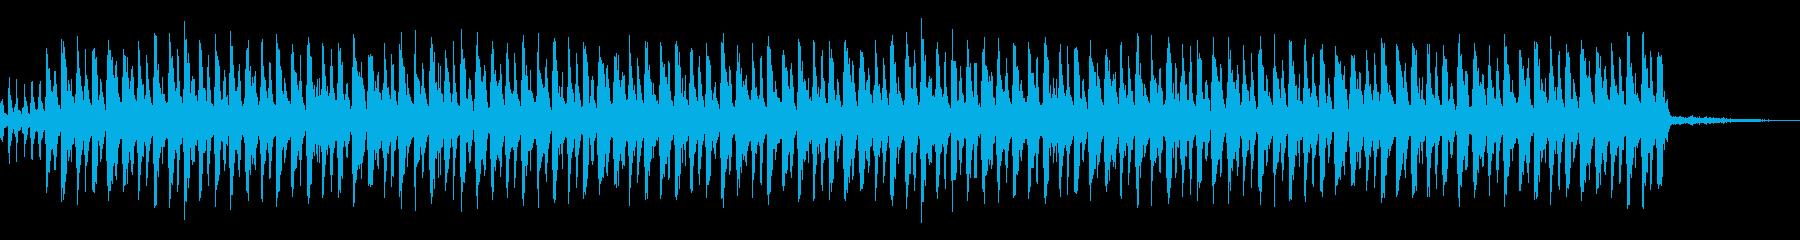 ラテンレイヴパーカッショングローブの再生済みの波形